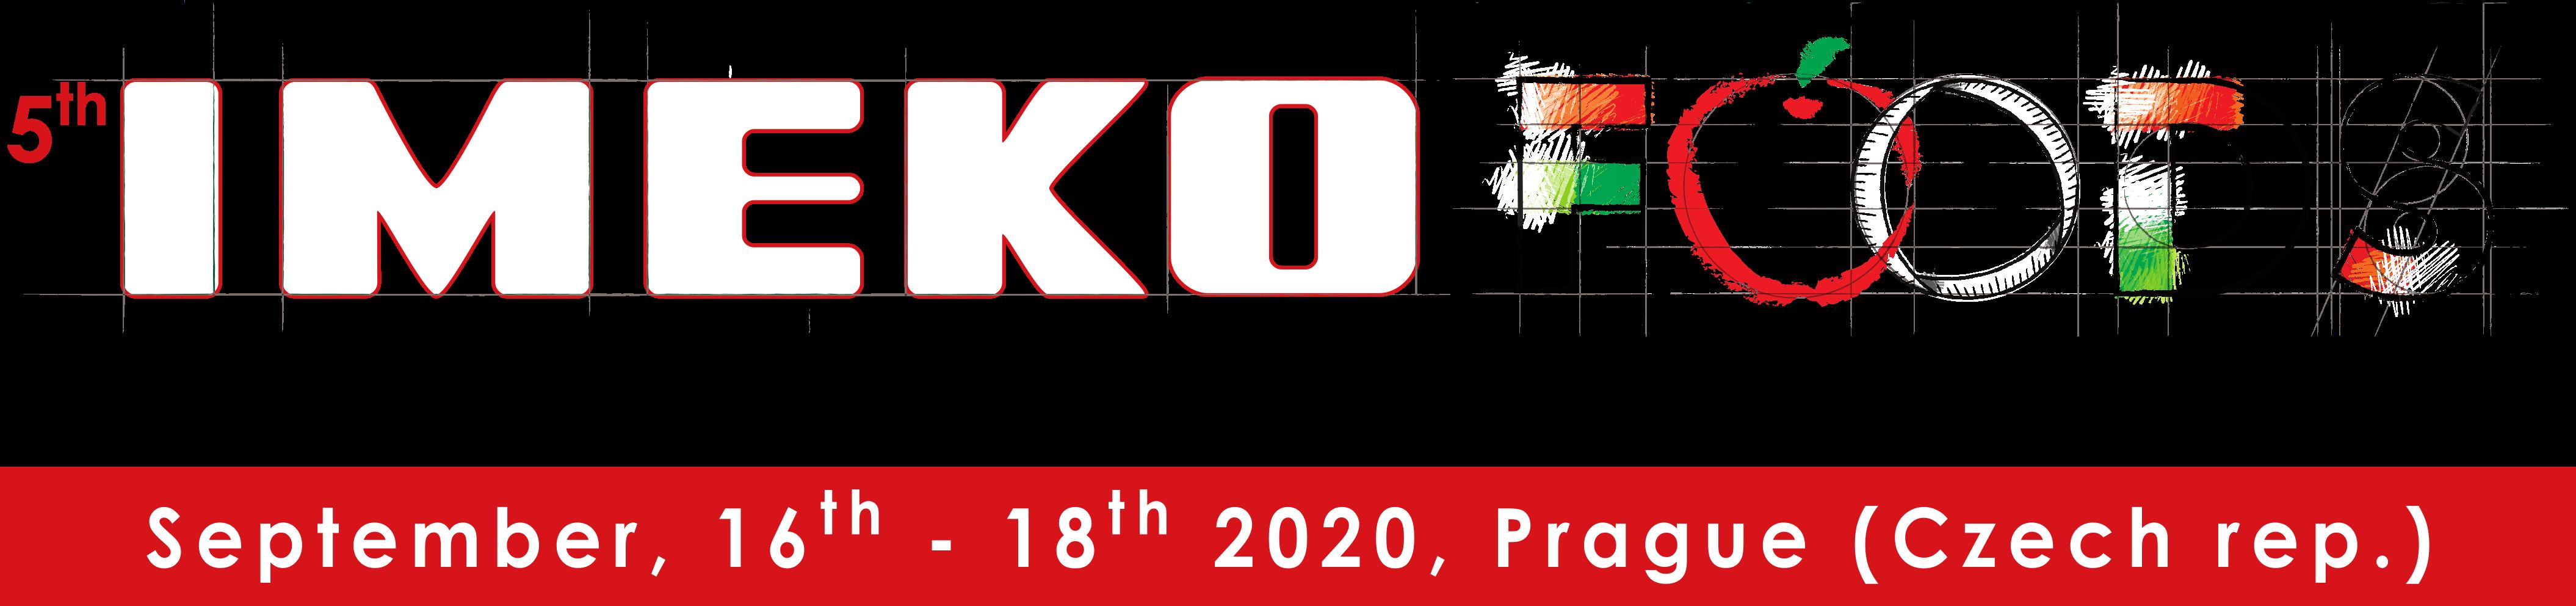 5th IMEKOFOODS (TC23) September 2020 – Prague, Czech